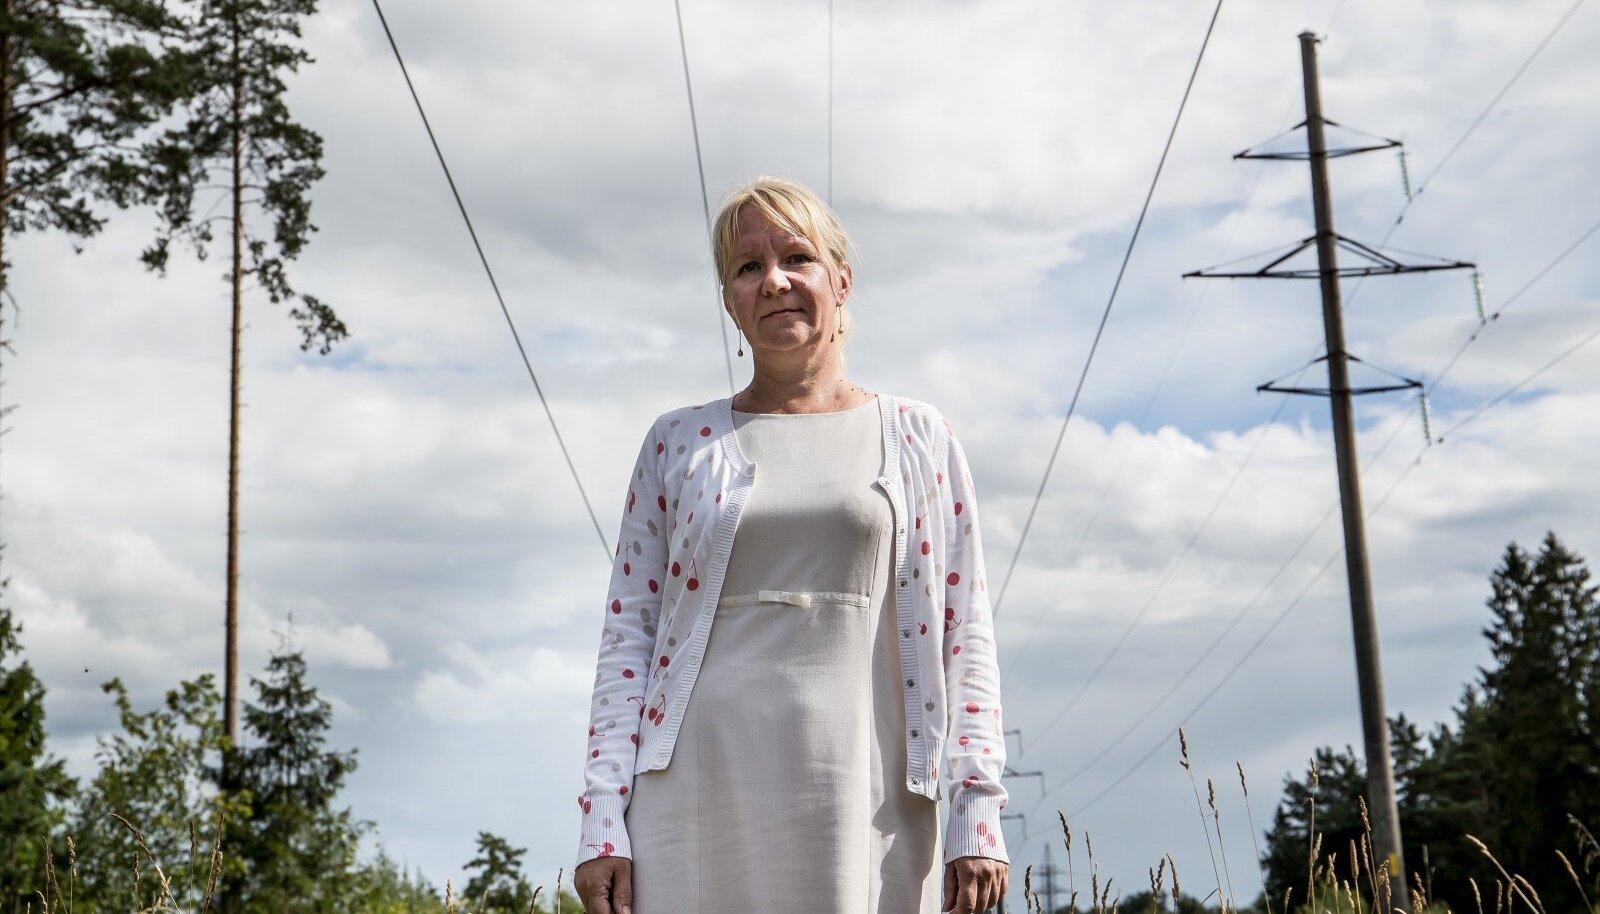 Külli Veidemann seisab tema maale rajatud Aidu tuulepargi elektriliinide all, mille rajamiseks ta ei andnud nõusolekut.